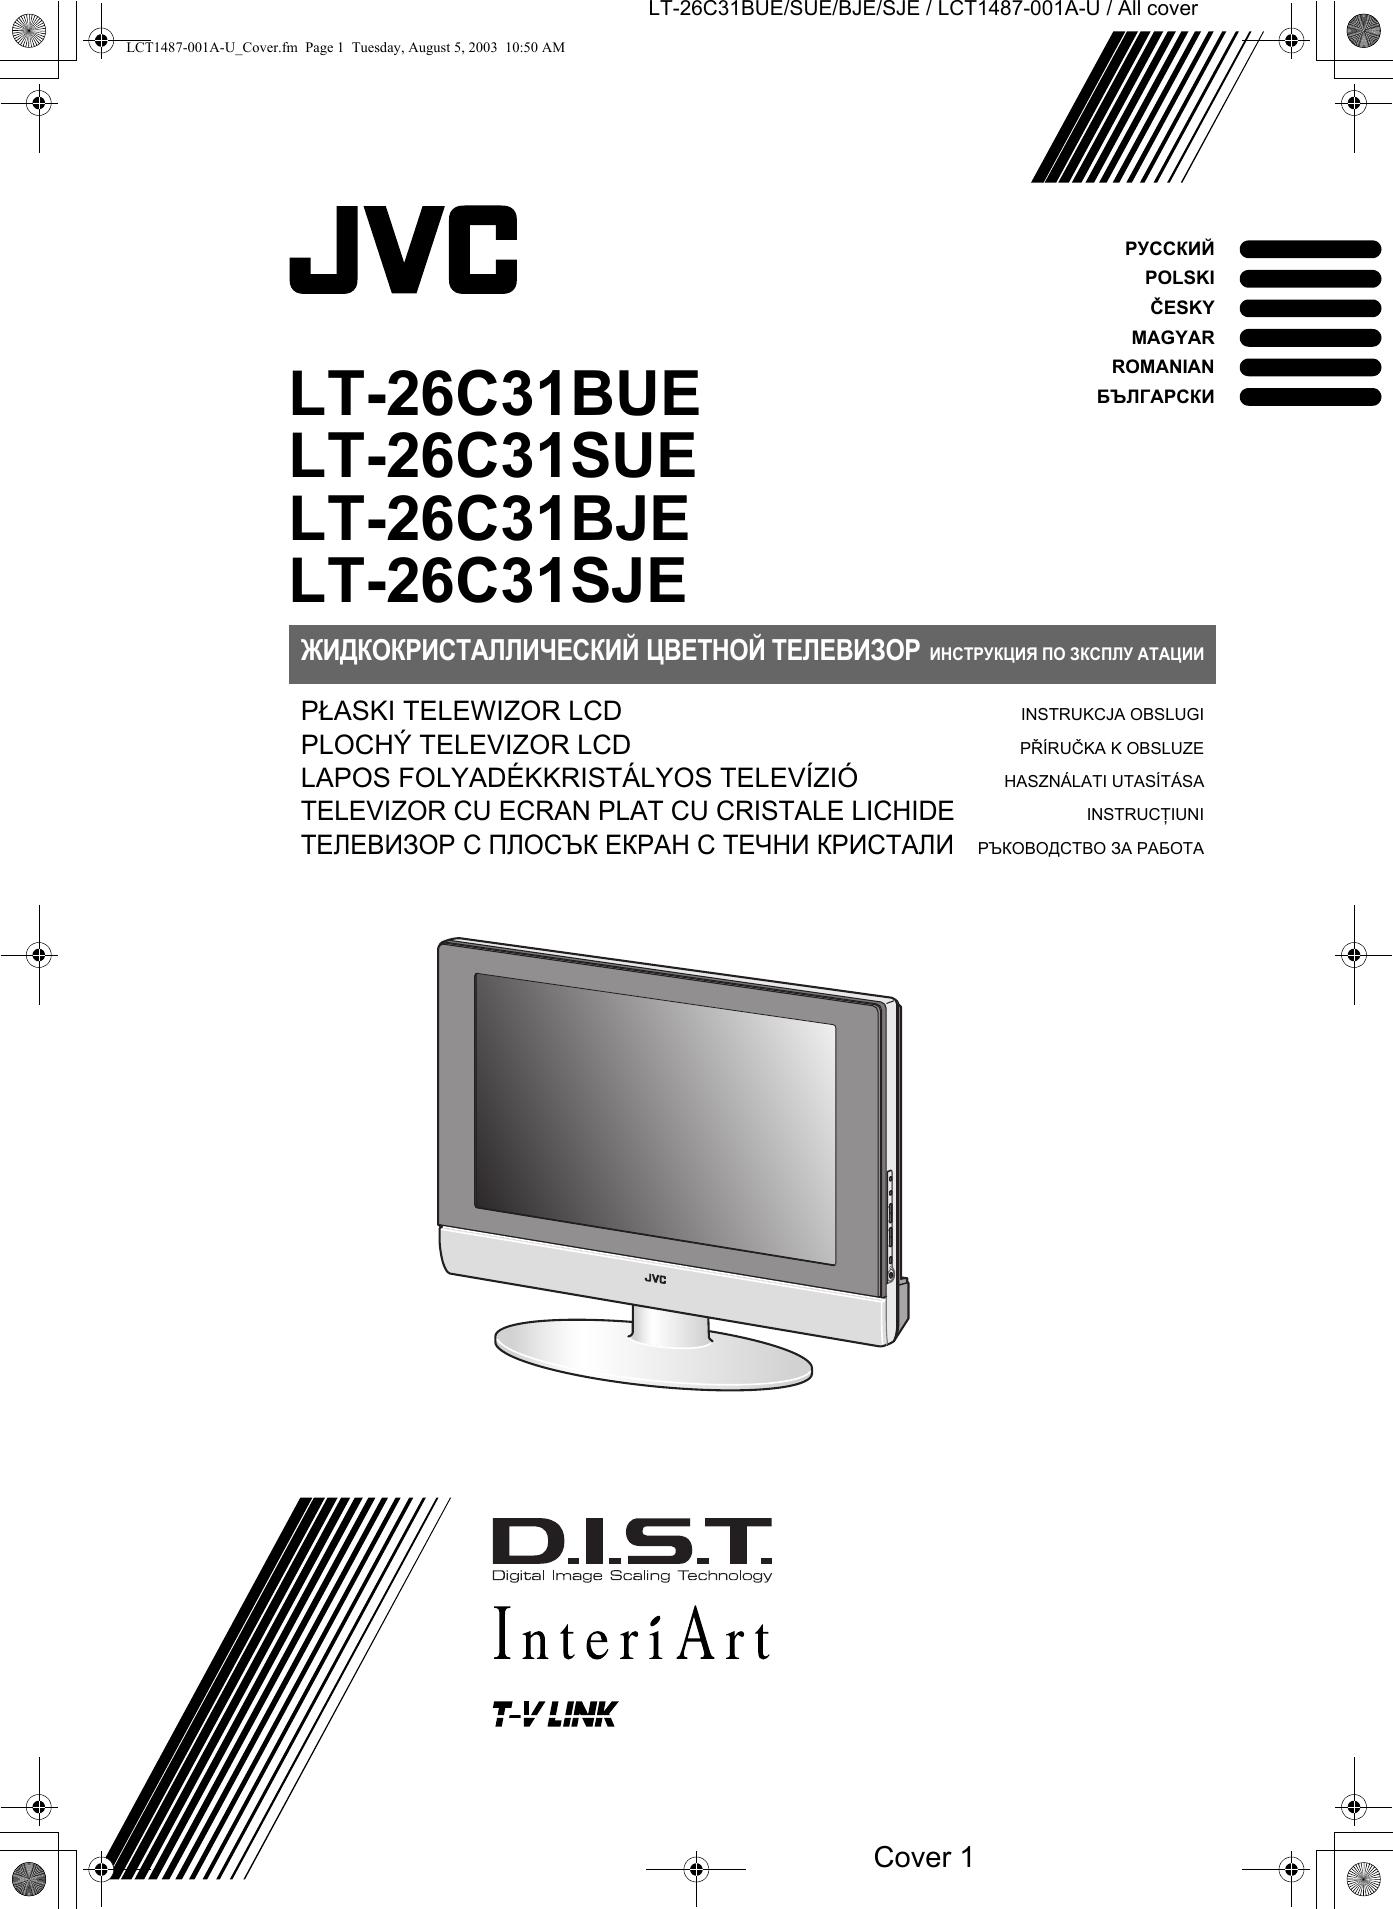 JVC LT 26C31BUE 26C31BUE/LT 26C31SUE/LT 26C31BJE/LT 26C31SJE User Manual  26C31BUE, 26C31SUE LCT1487 001A U RU